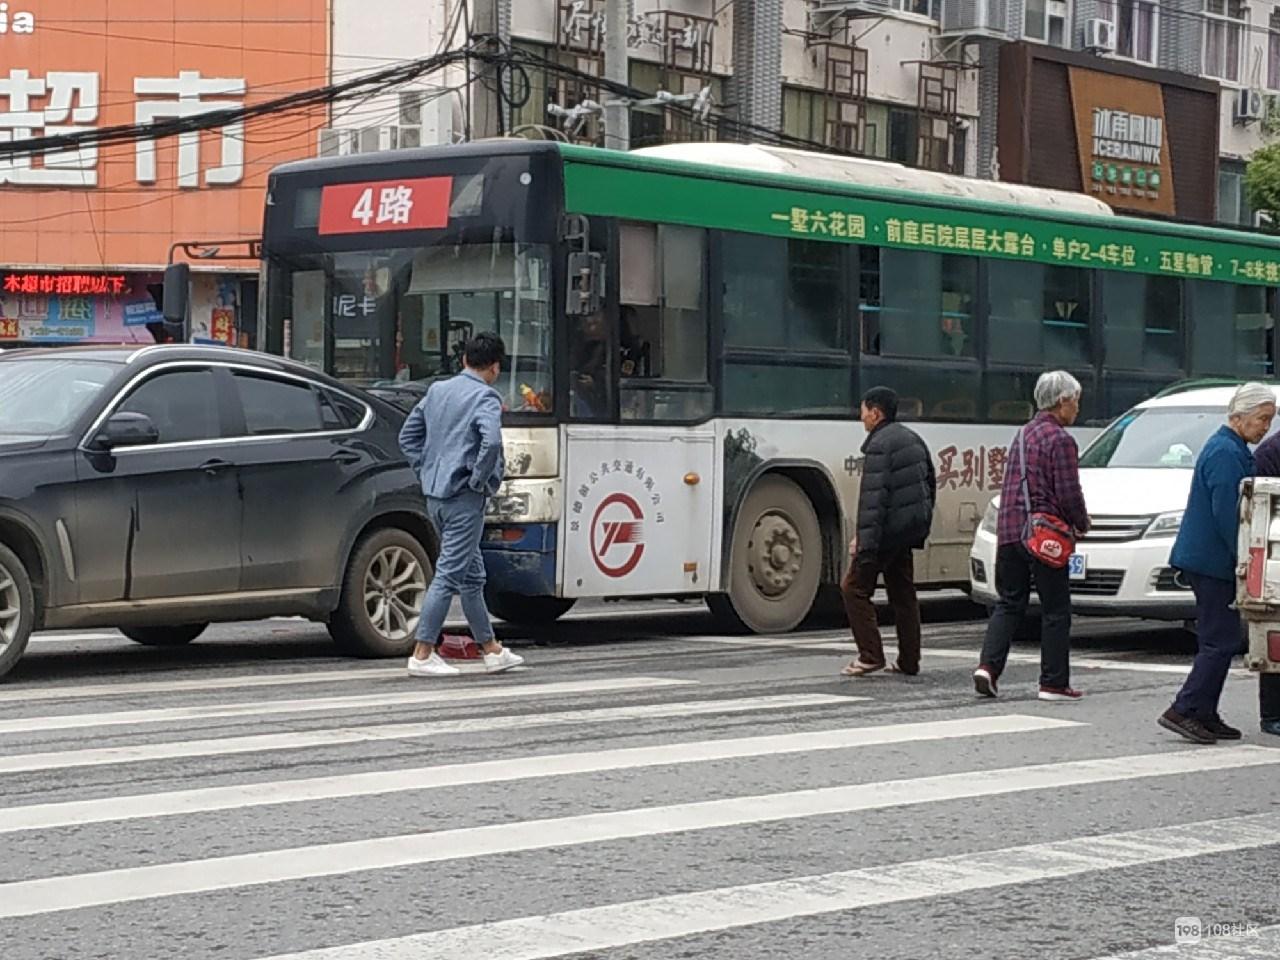 砰一声响!惠佳超市门口4路公交撞凹宝马车屁股 乘客吓坏了